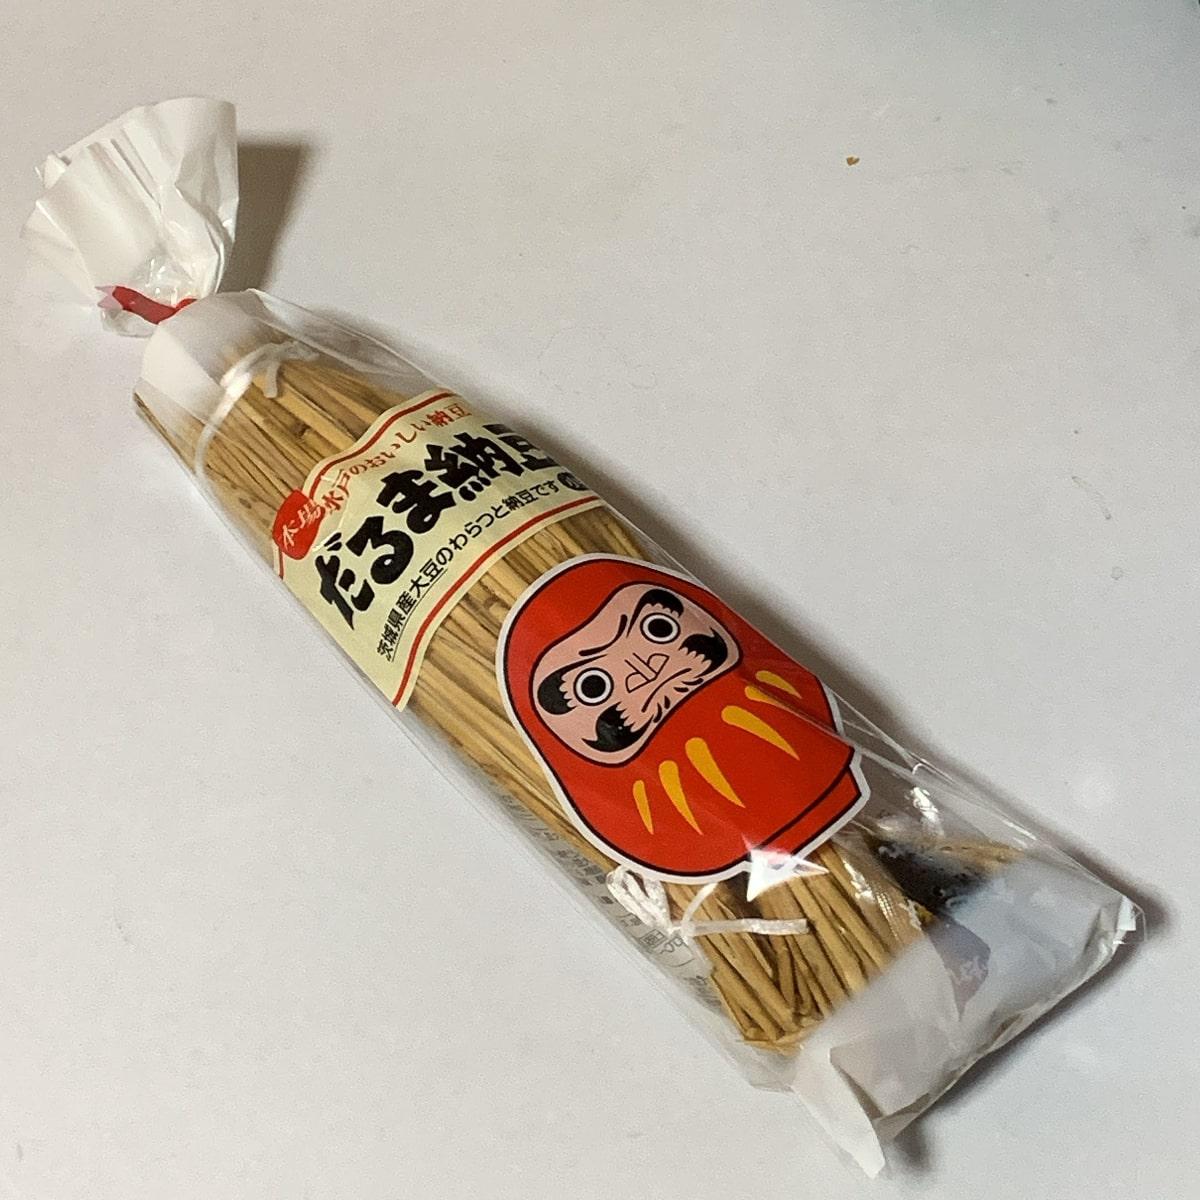 だるま食品「わら納豆」